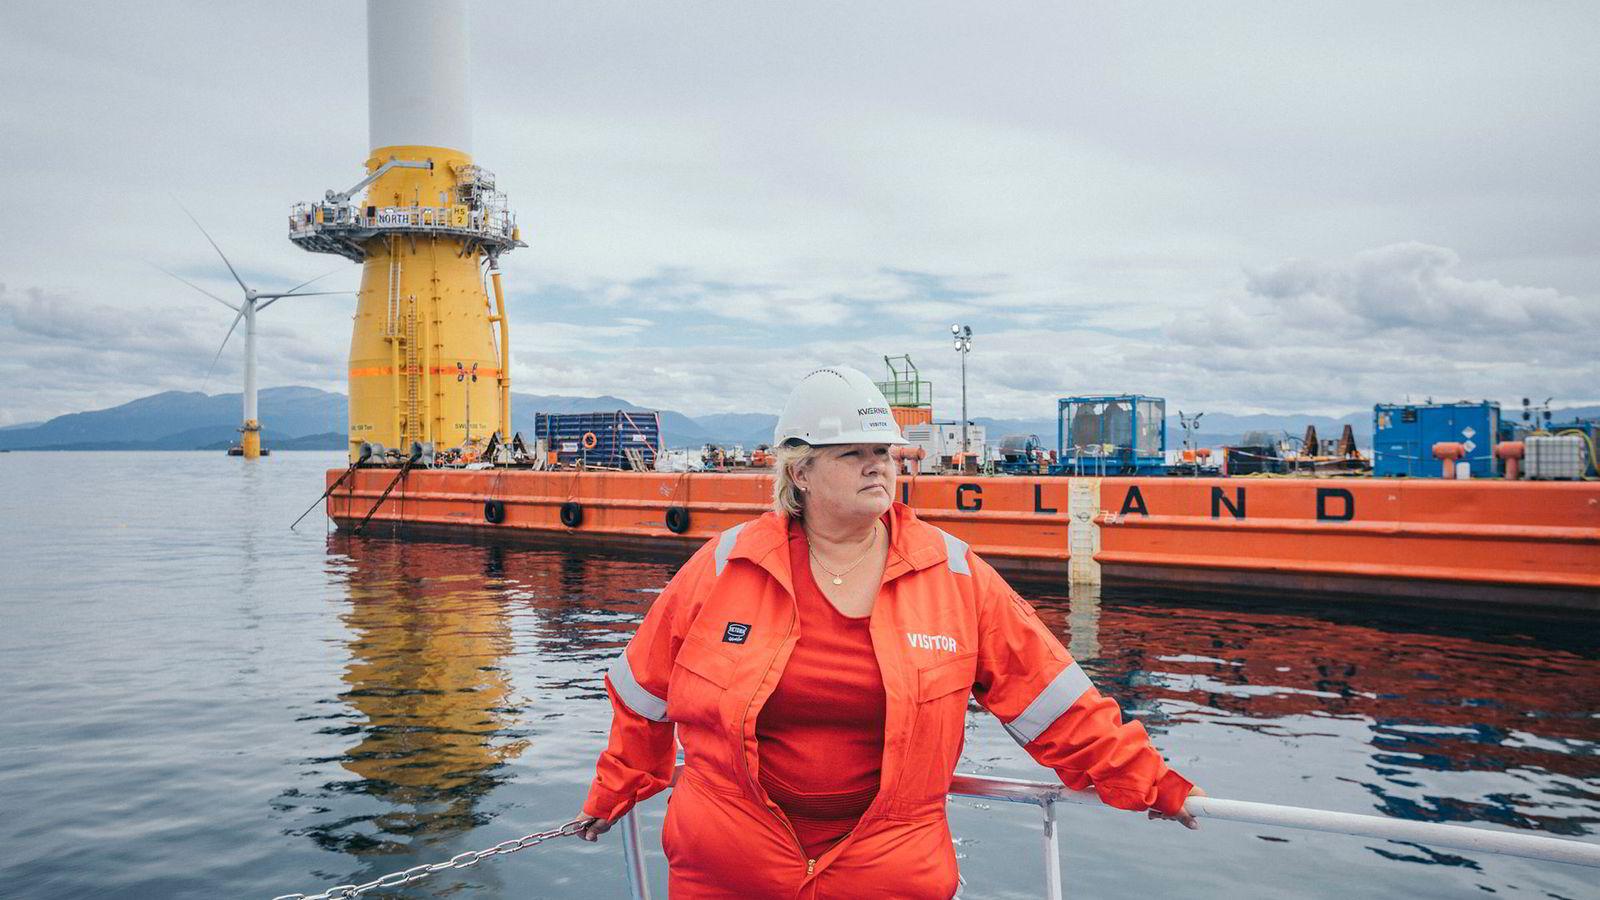 Statsminister Erna Solberg ville ha grønn omstilling. Slik gikk det ikke. Her fra hennes vestlandsturné før valget i 2017 der hun besøkte Kværner Stord og så på bygging av installasjoner til Johan Sverdrup-feltet.